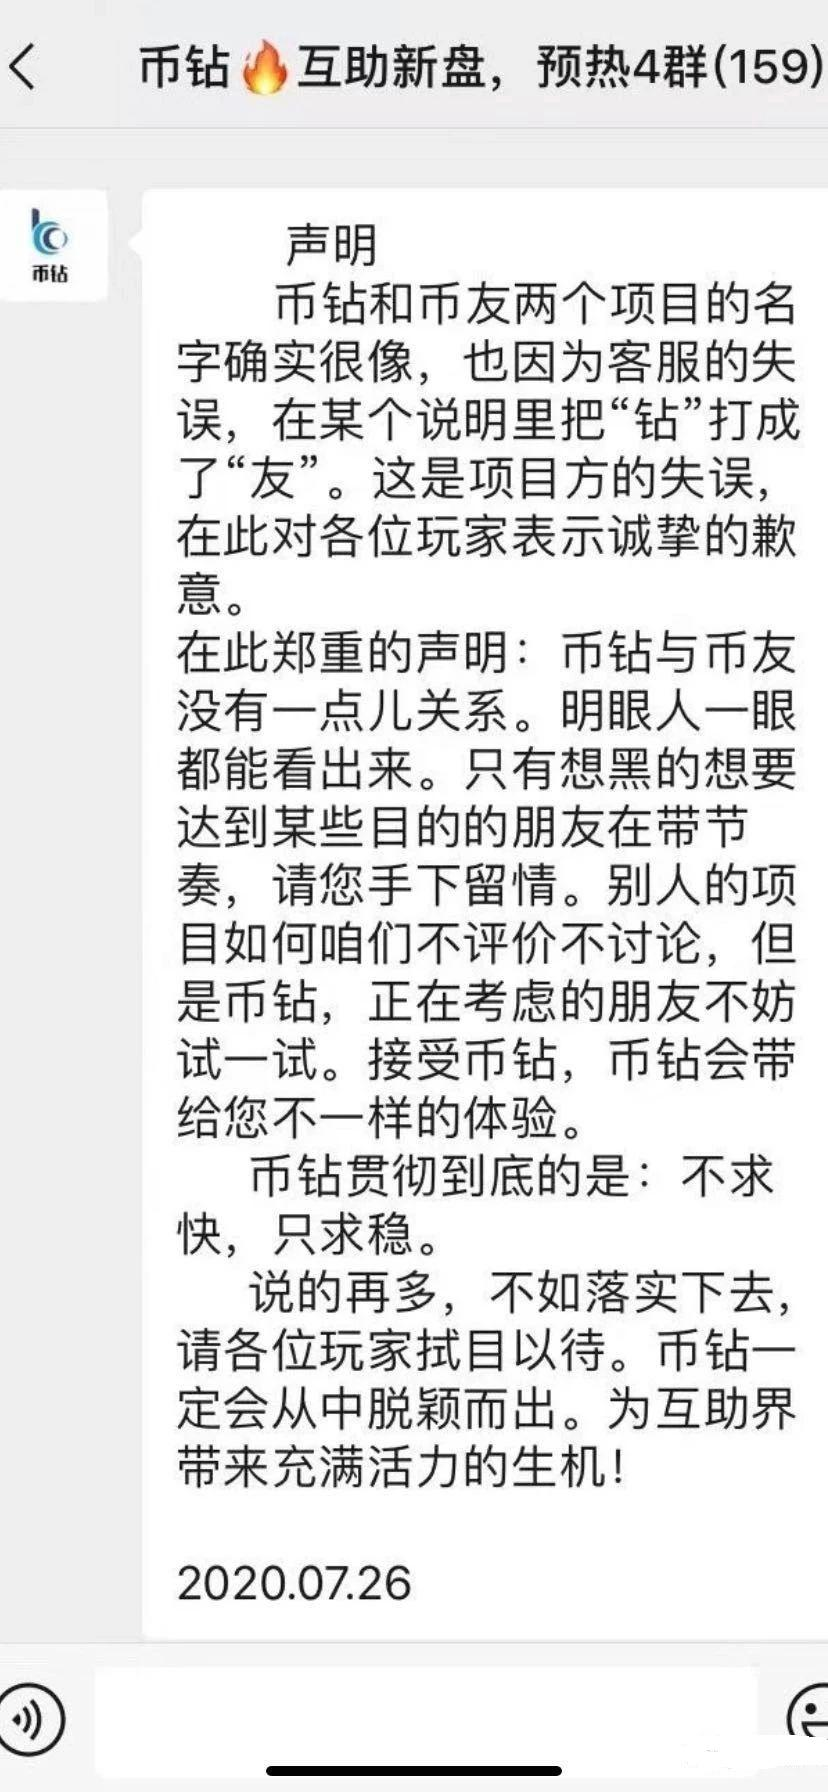 """【曝光】""""币友Pro""""圈钱过亿崩盘后诈骗犯再次开盘""""币钻""""继续割韭菜!"""